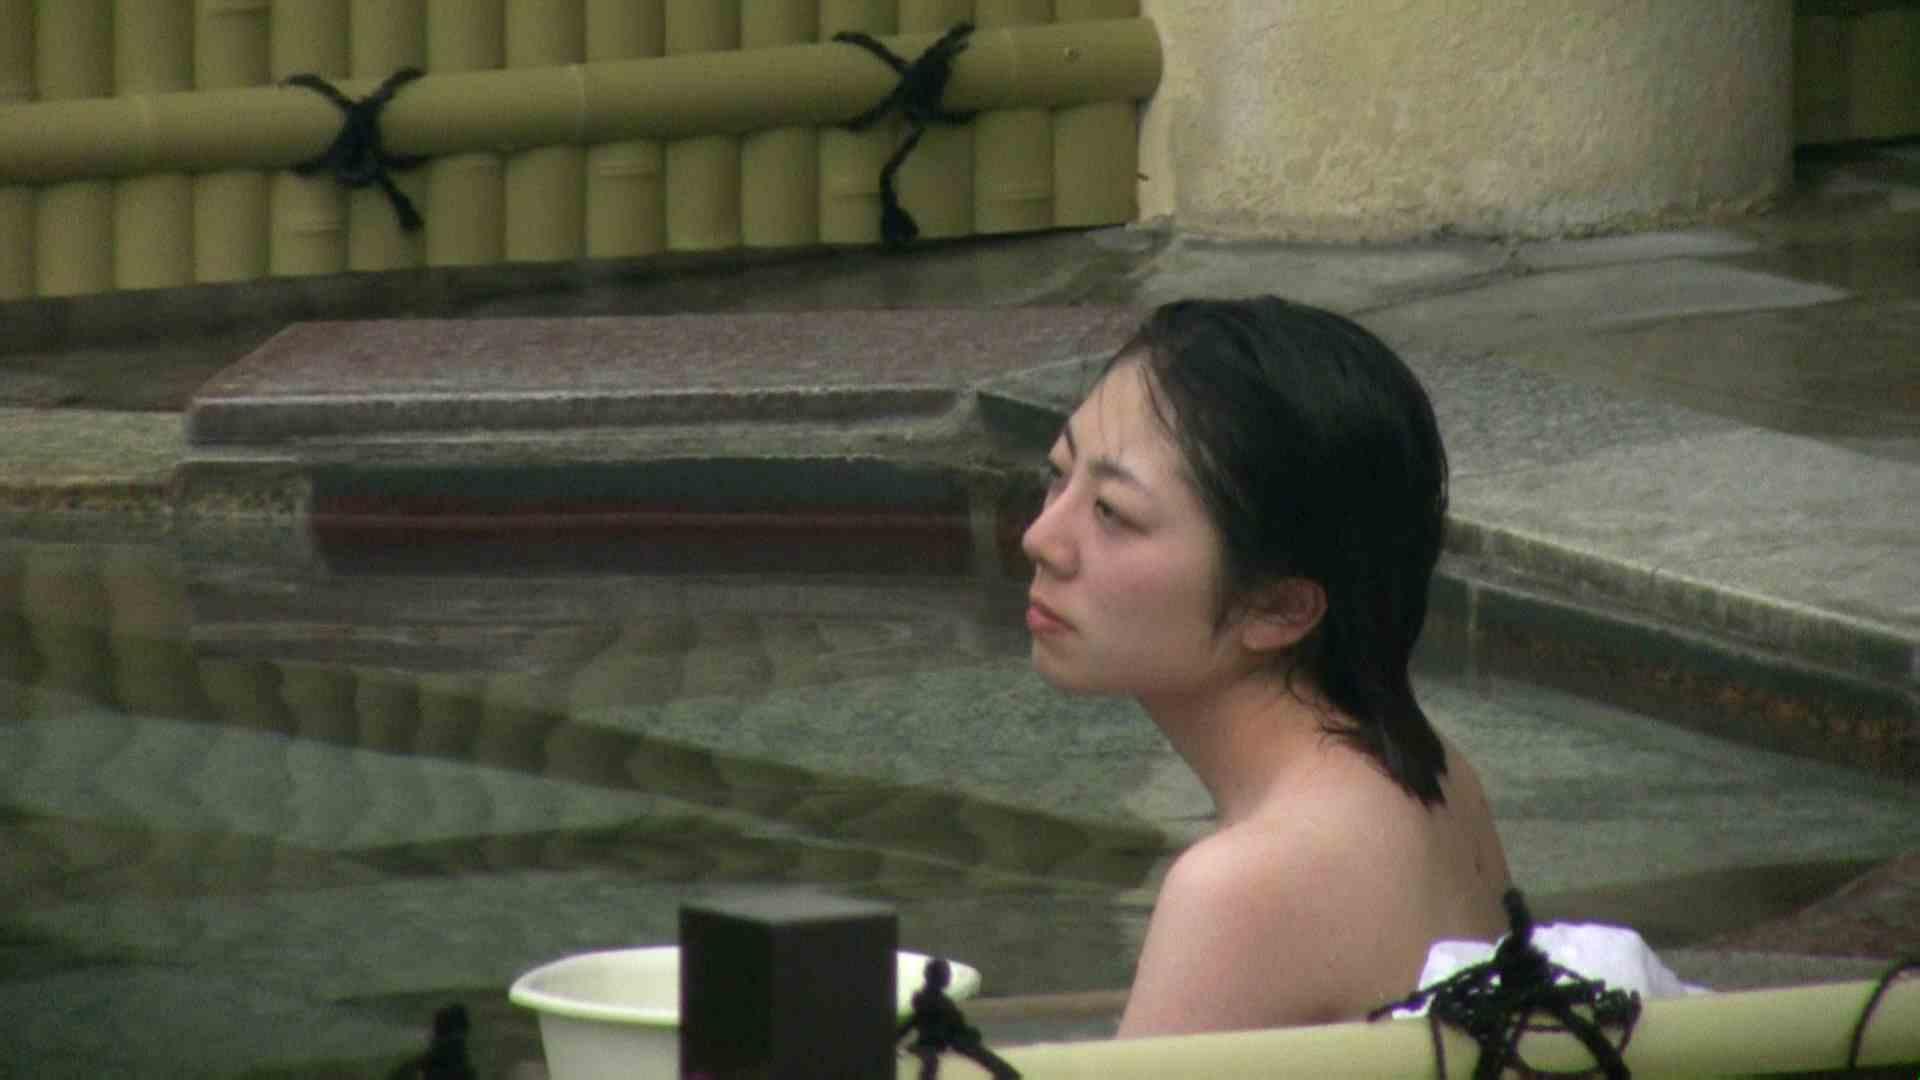 Aquaな露天風呂Vol.04 エッチな盗撮 おまんこ動画流出 84pic 18